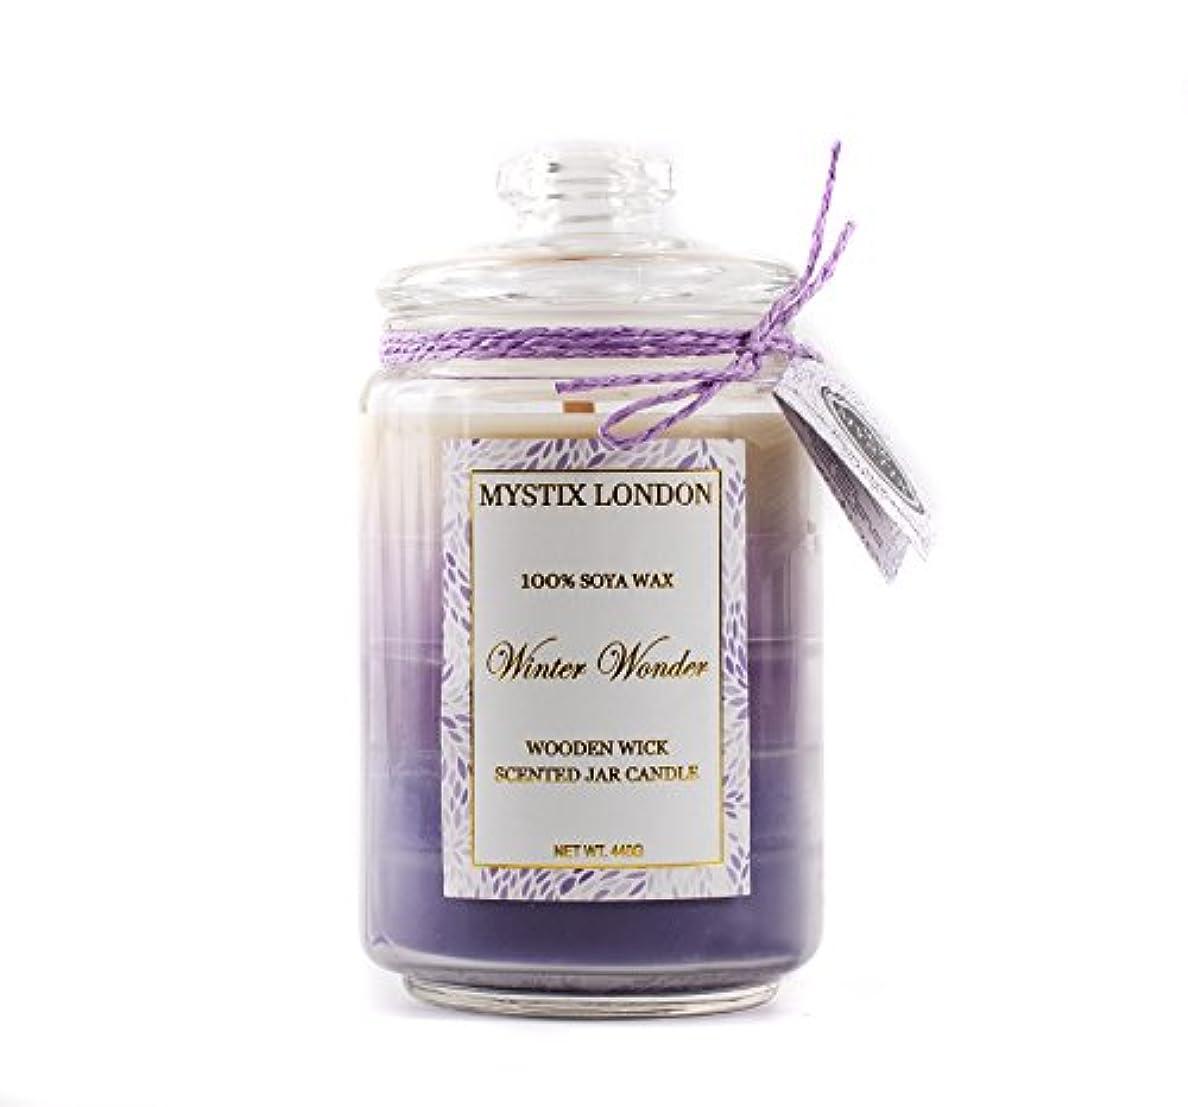 抜け目がない爪男やもめMystix London | Winter Wonder Wooden Wick Scented Jar Candle 440g